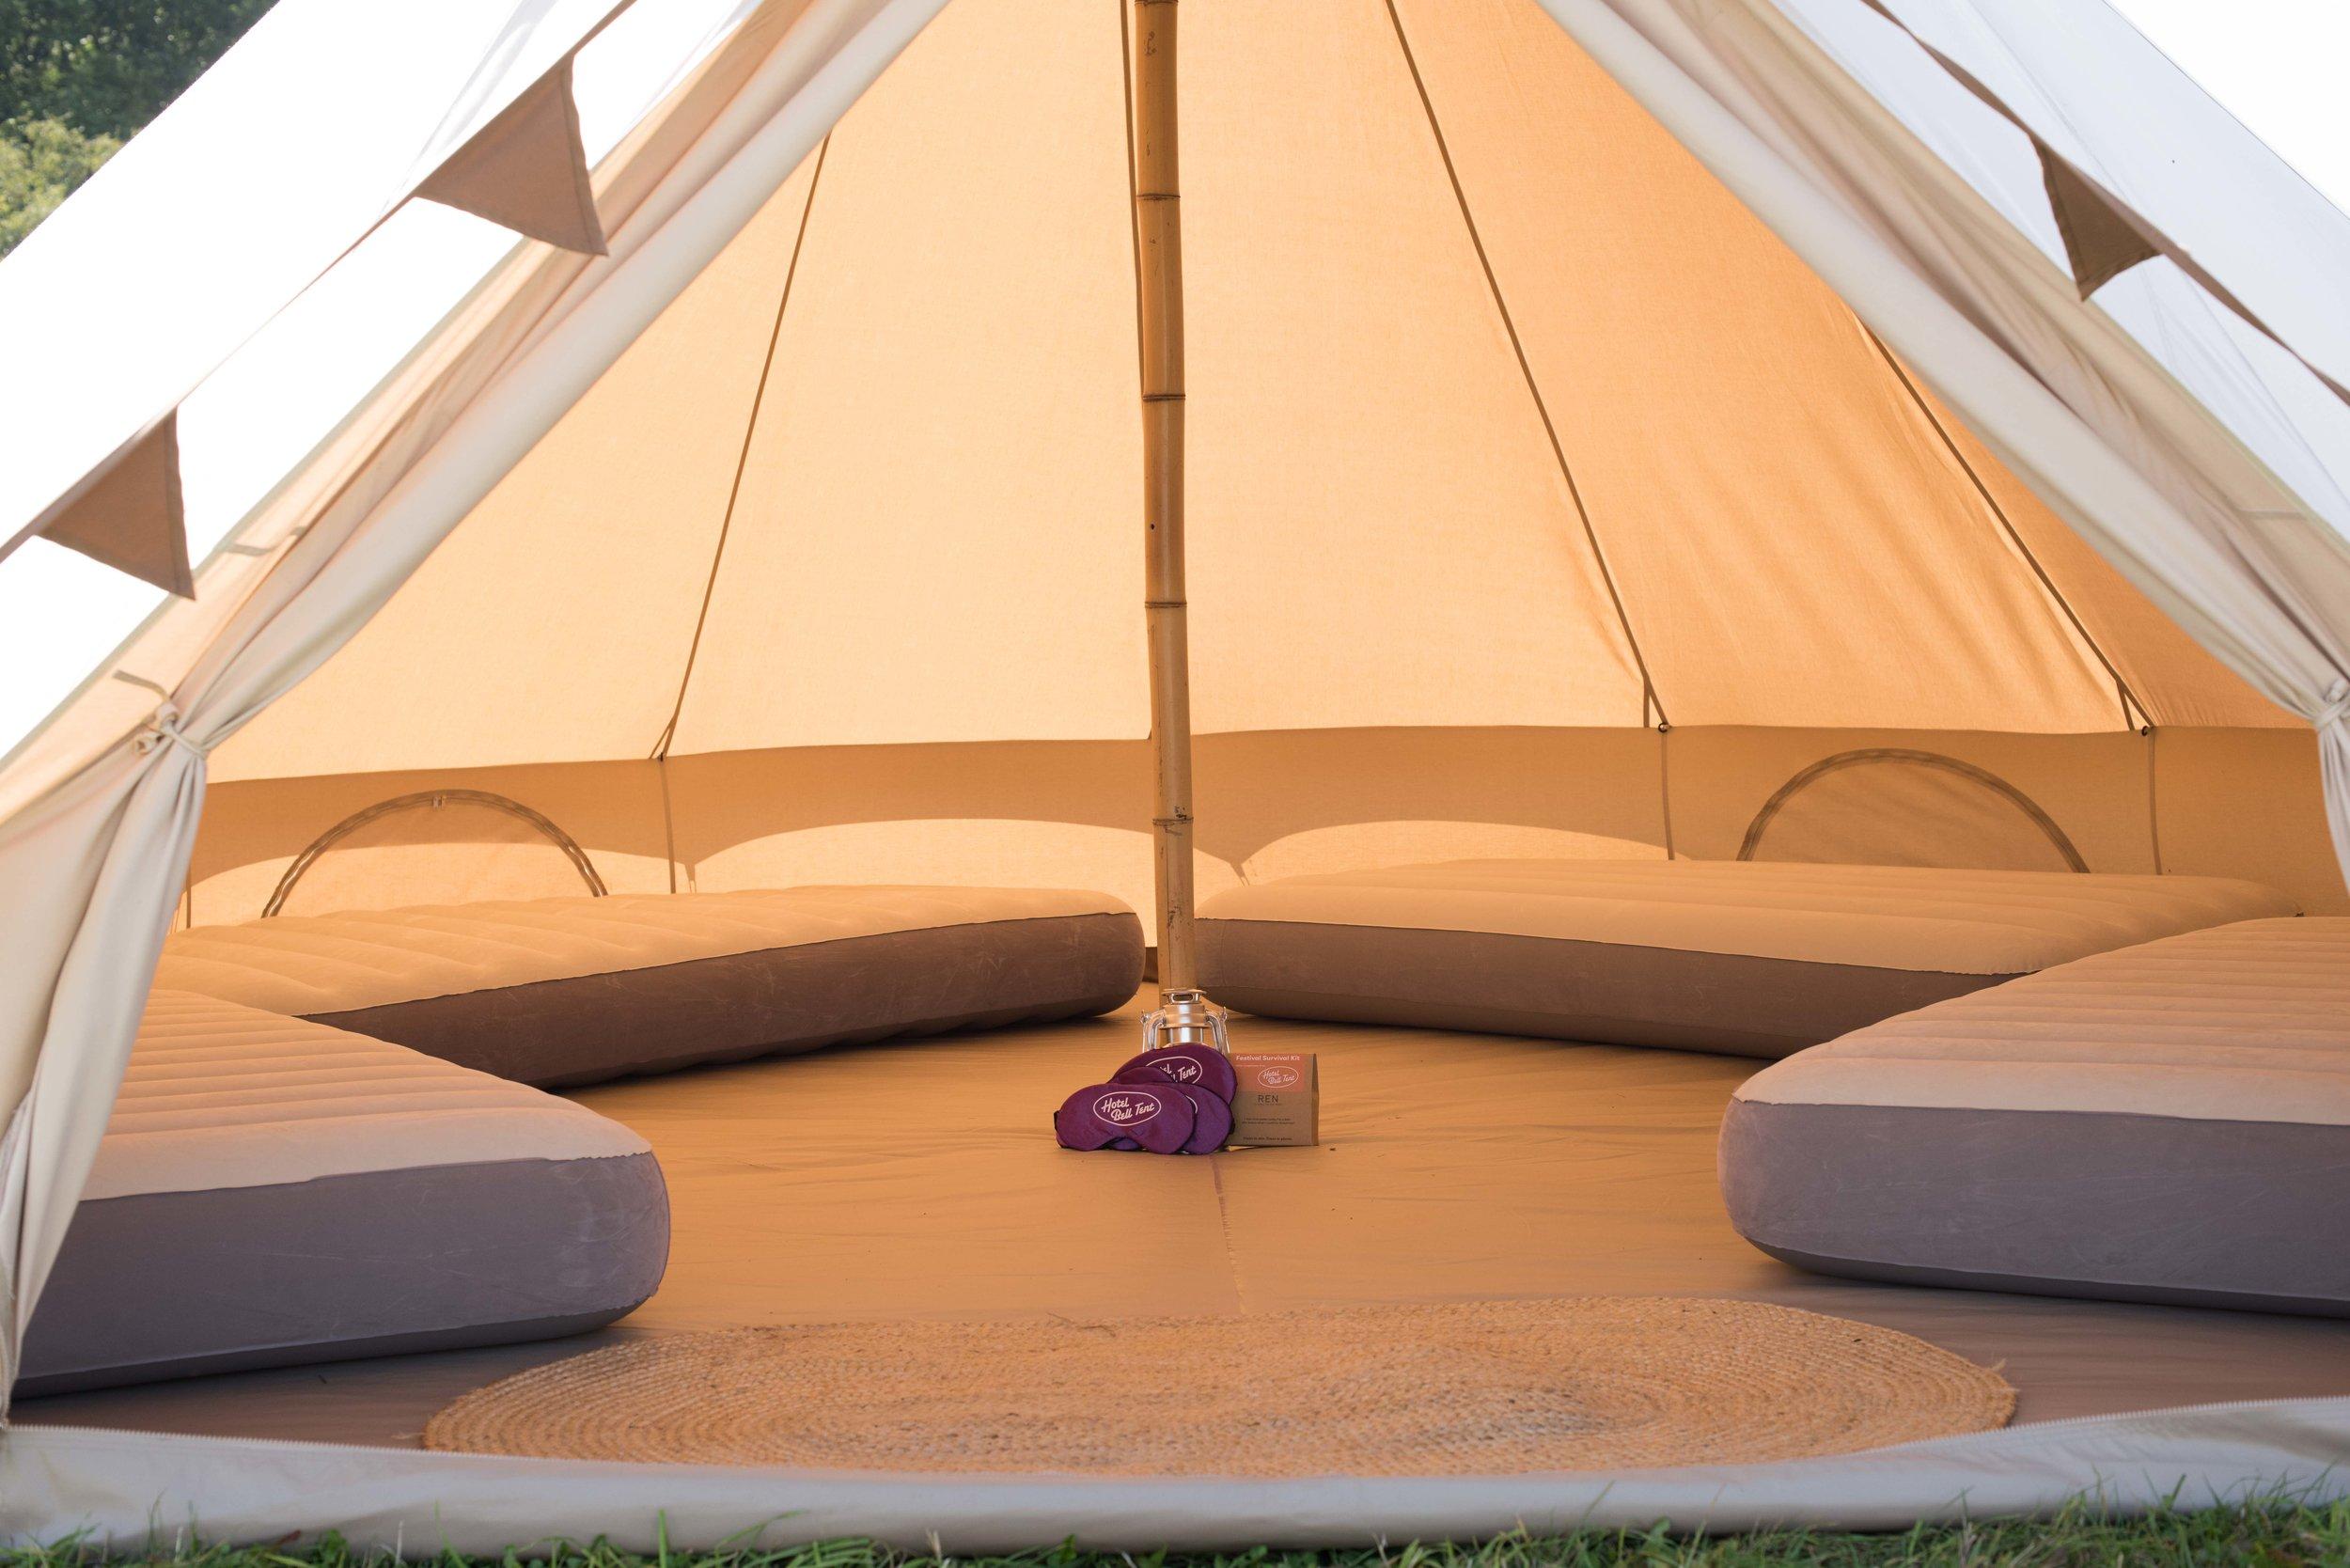 2, hotel-bell-tent-standard-bell-tent-01.jpg